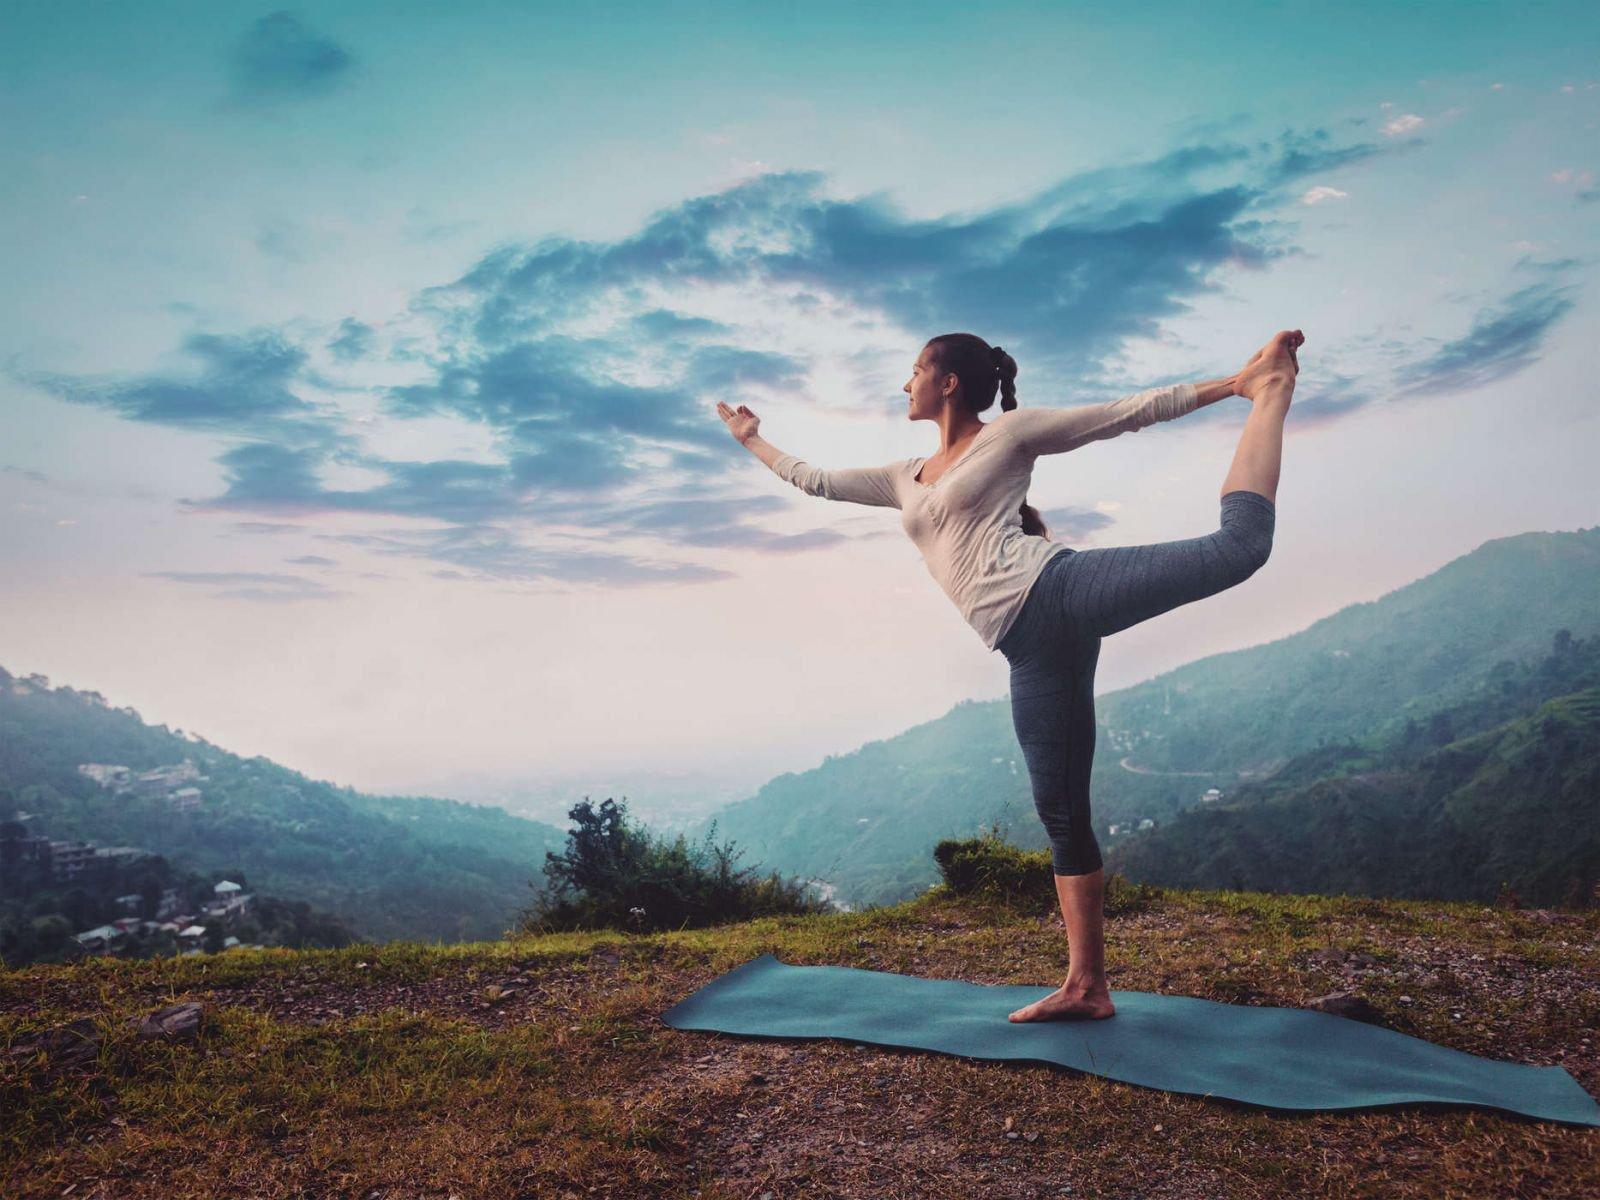 Chữa trầm cảm bằng yoga: Những điều cần biết